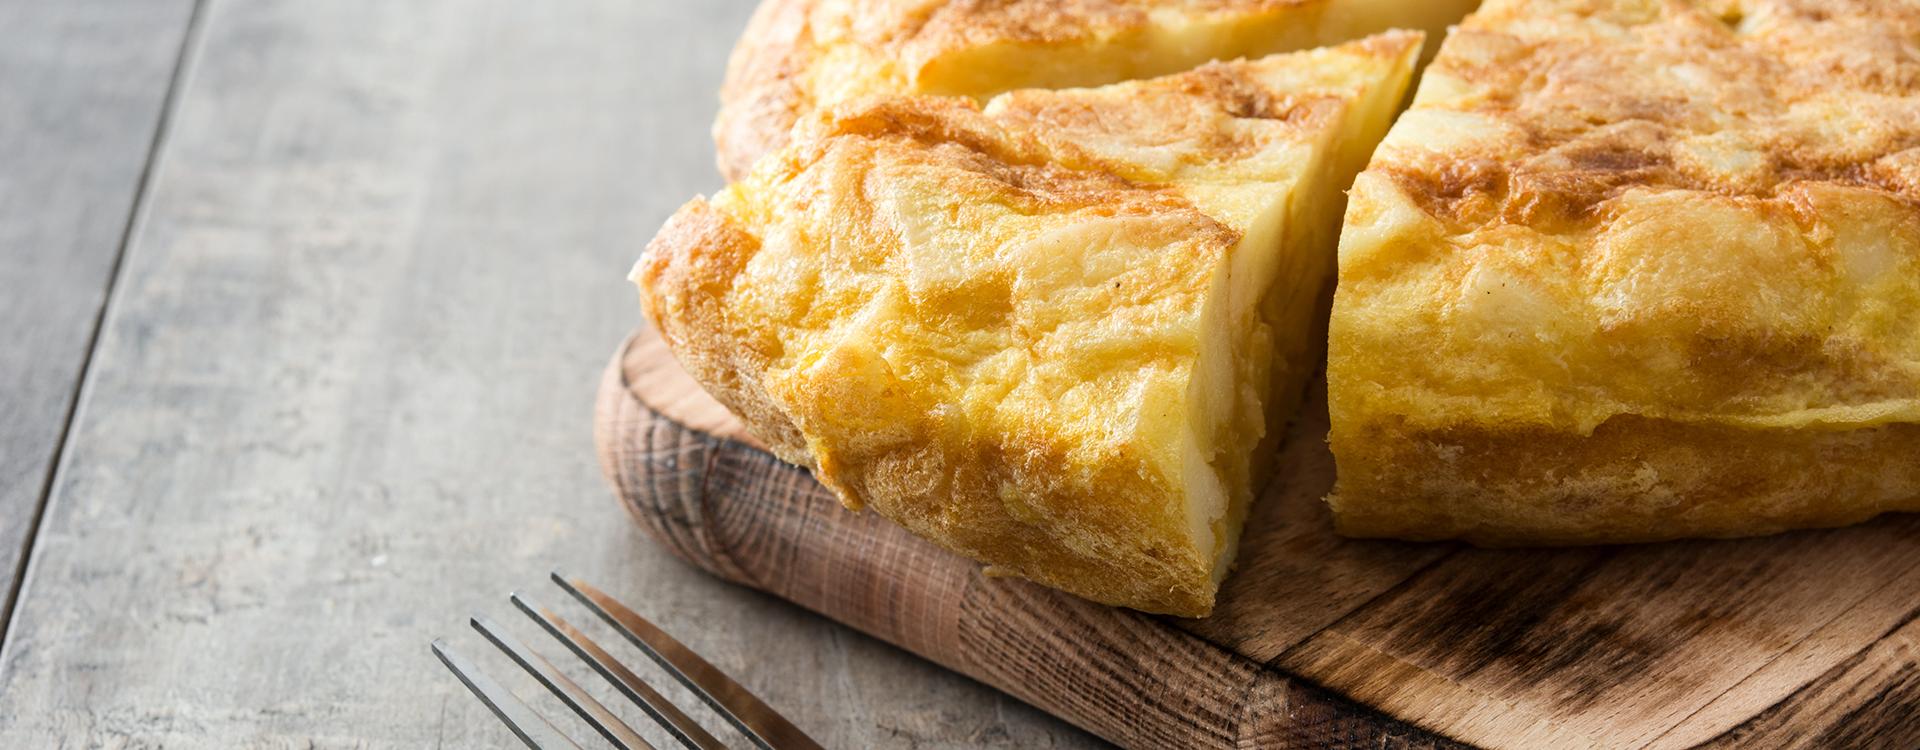 Tradycyjny omlet - przepis